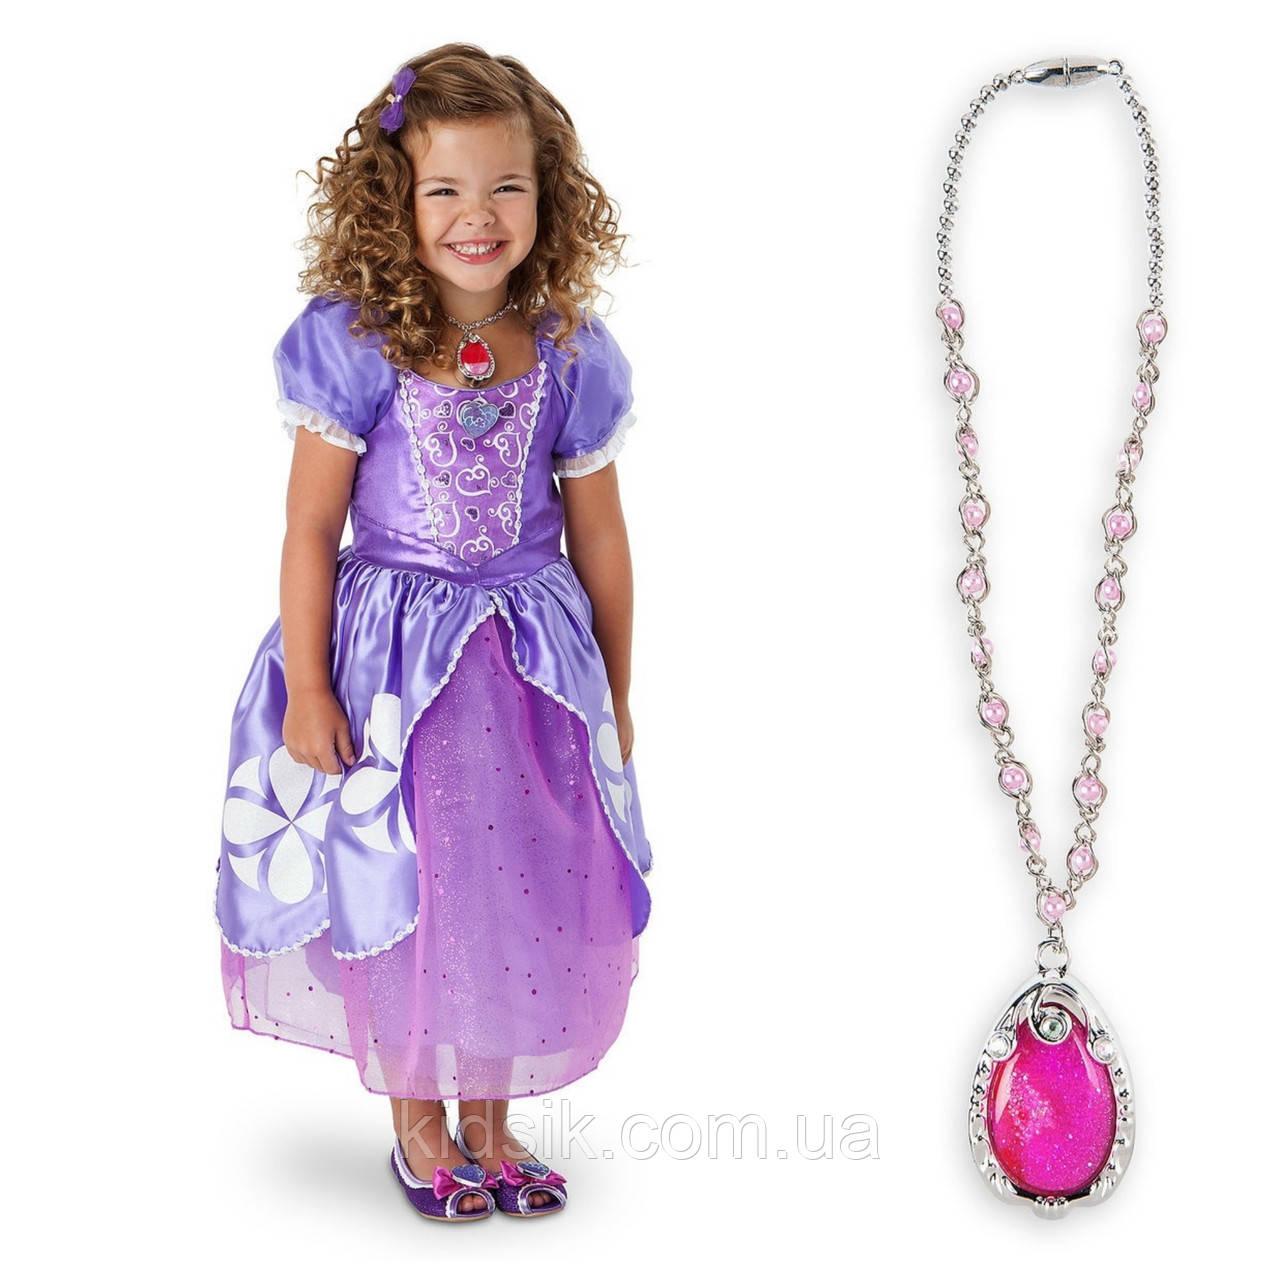 Принцесса софия с амулетом купить амулеты сделать для себя